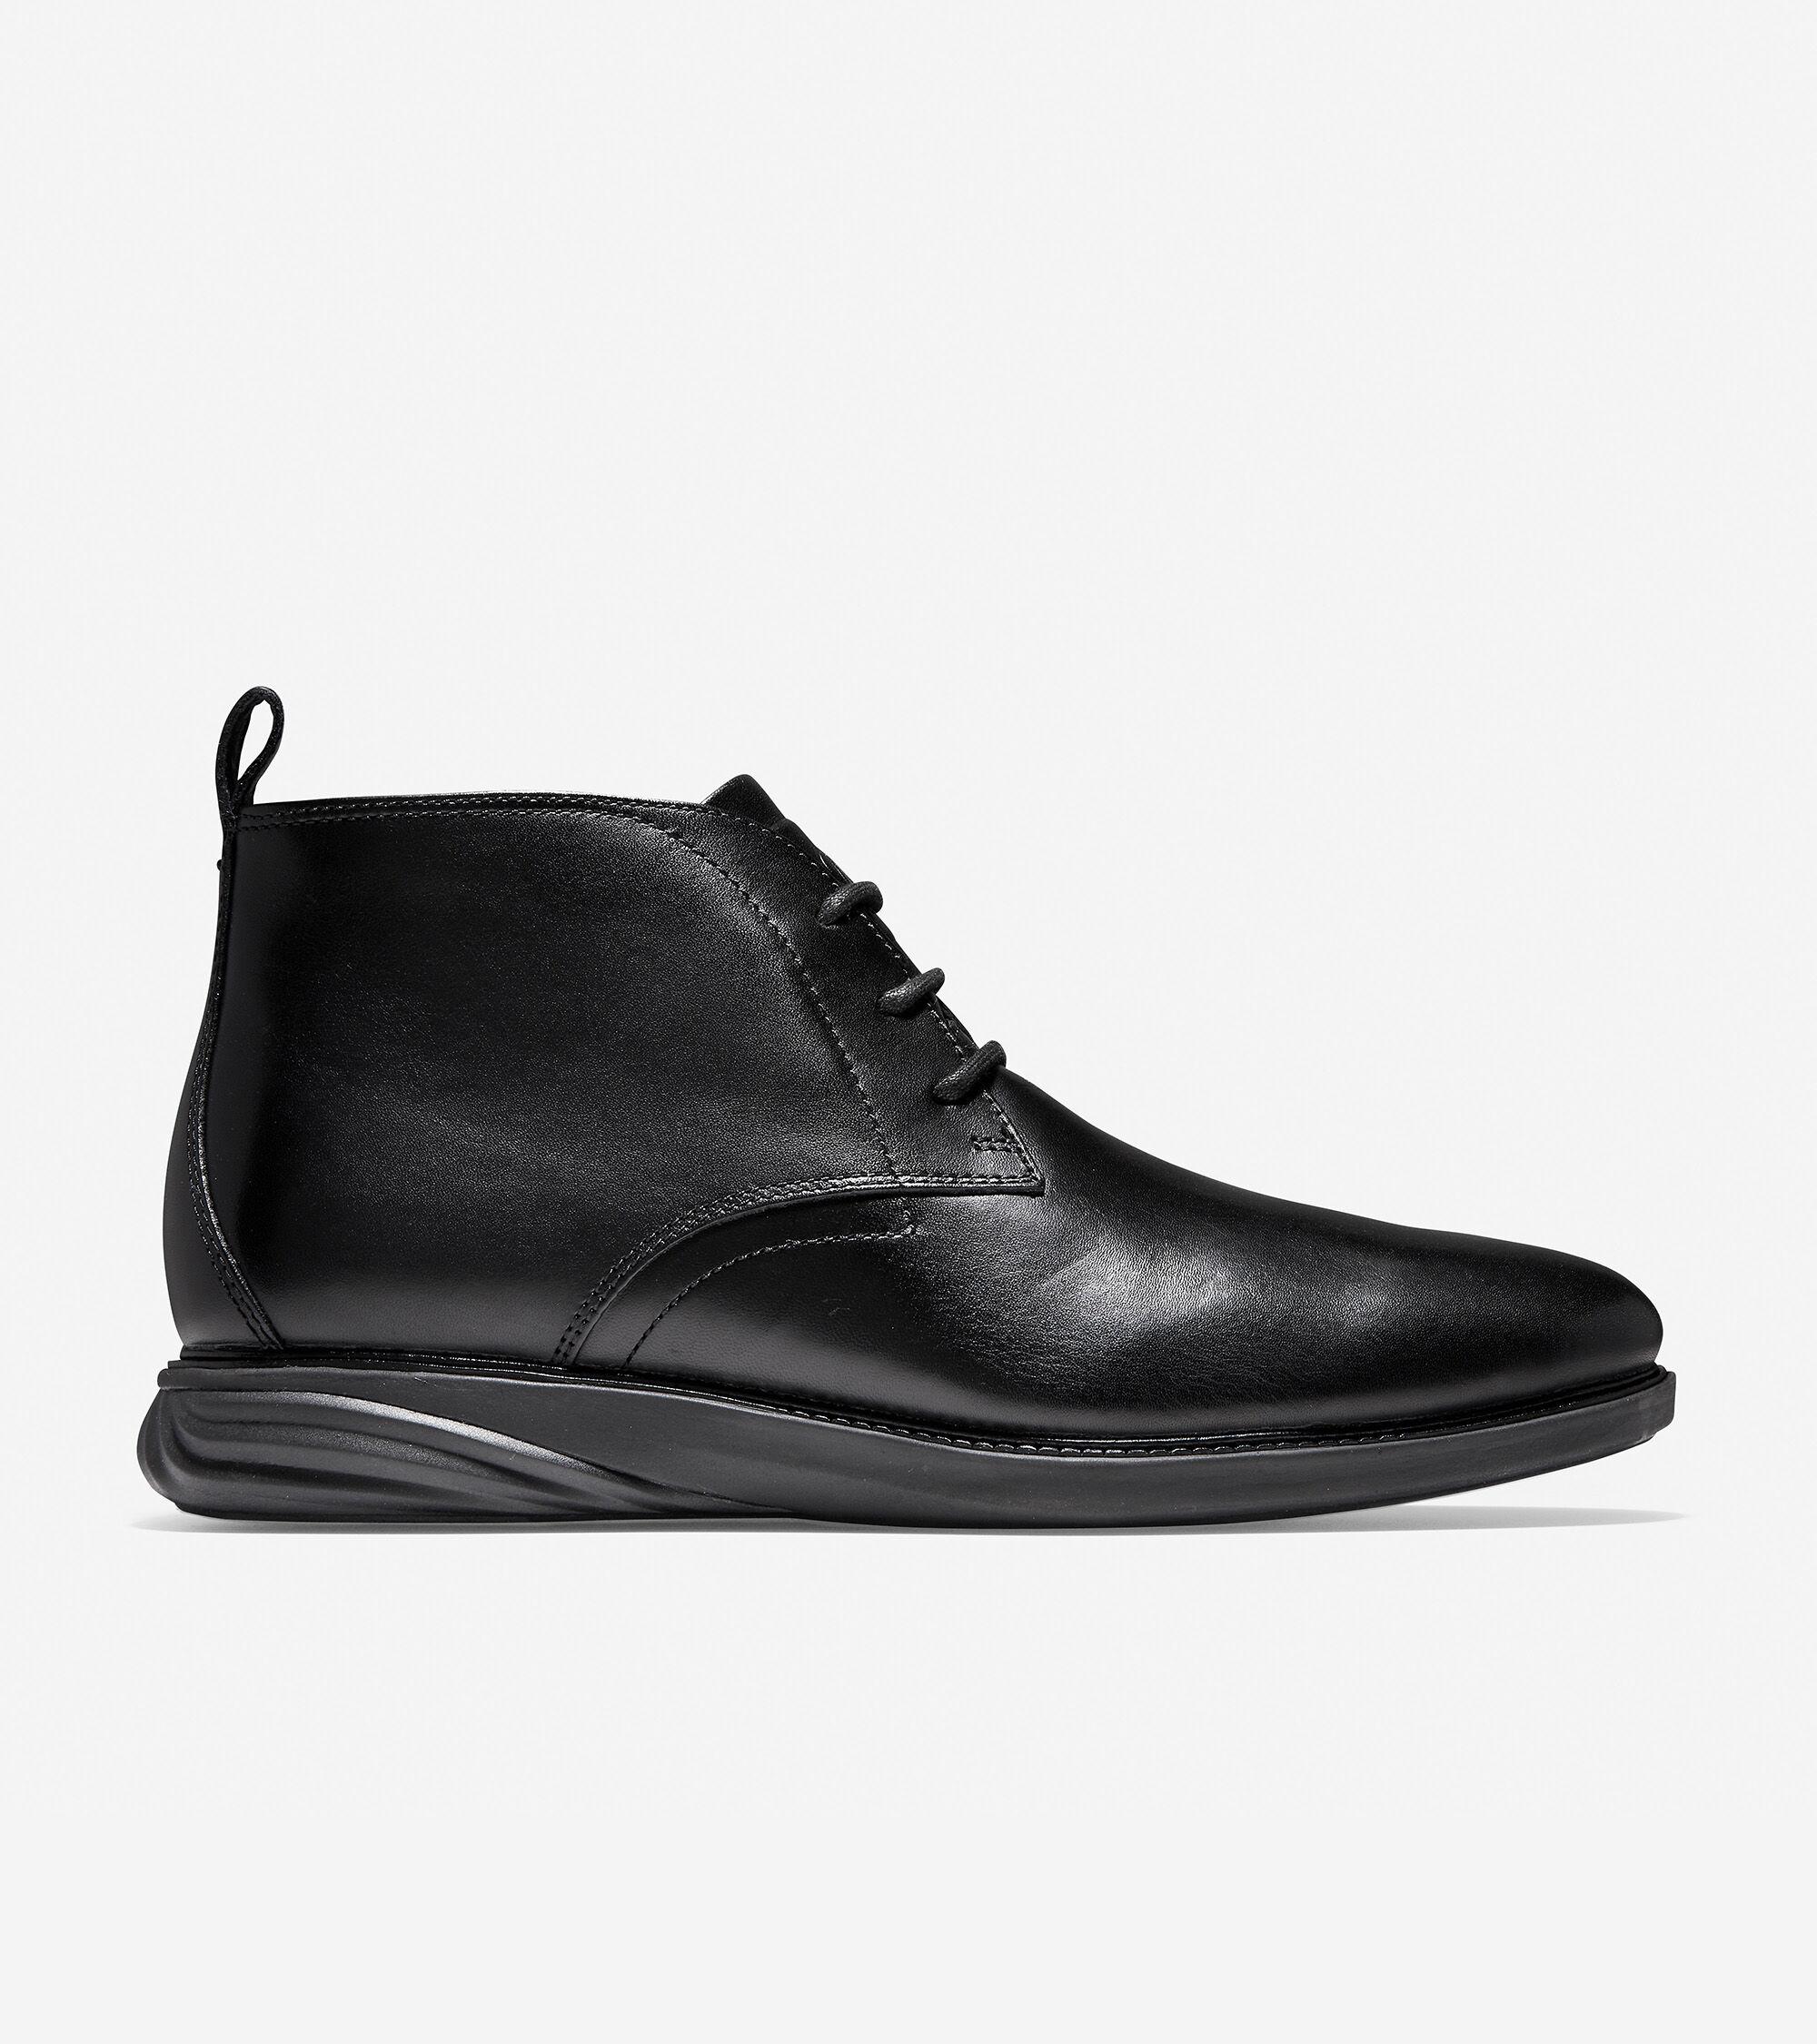 Cole haan black leather gloves - Men S Grandev Lution